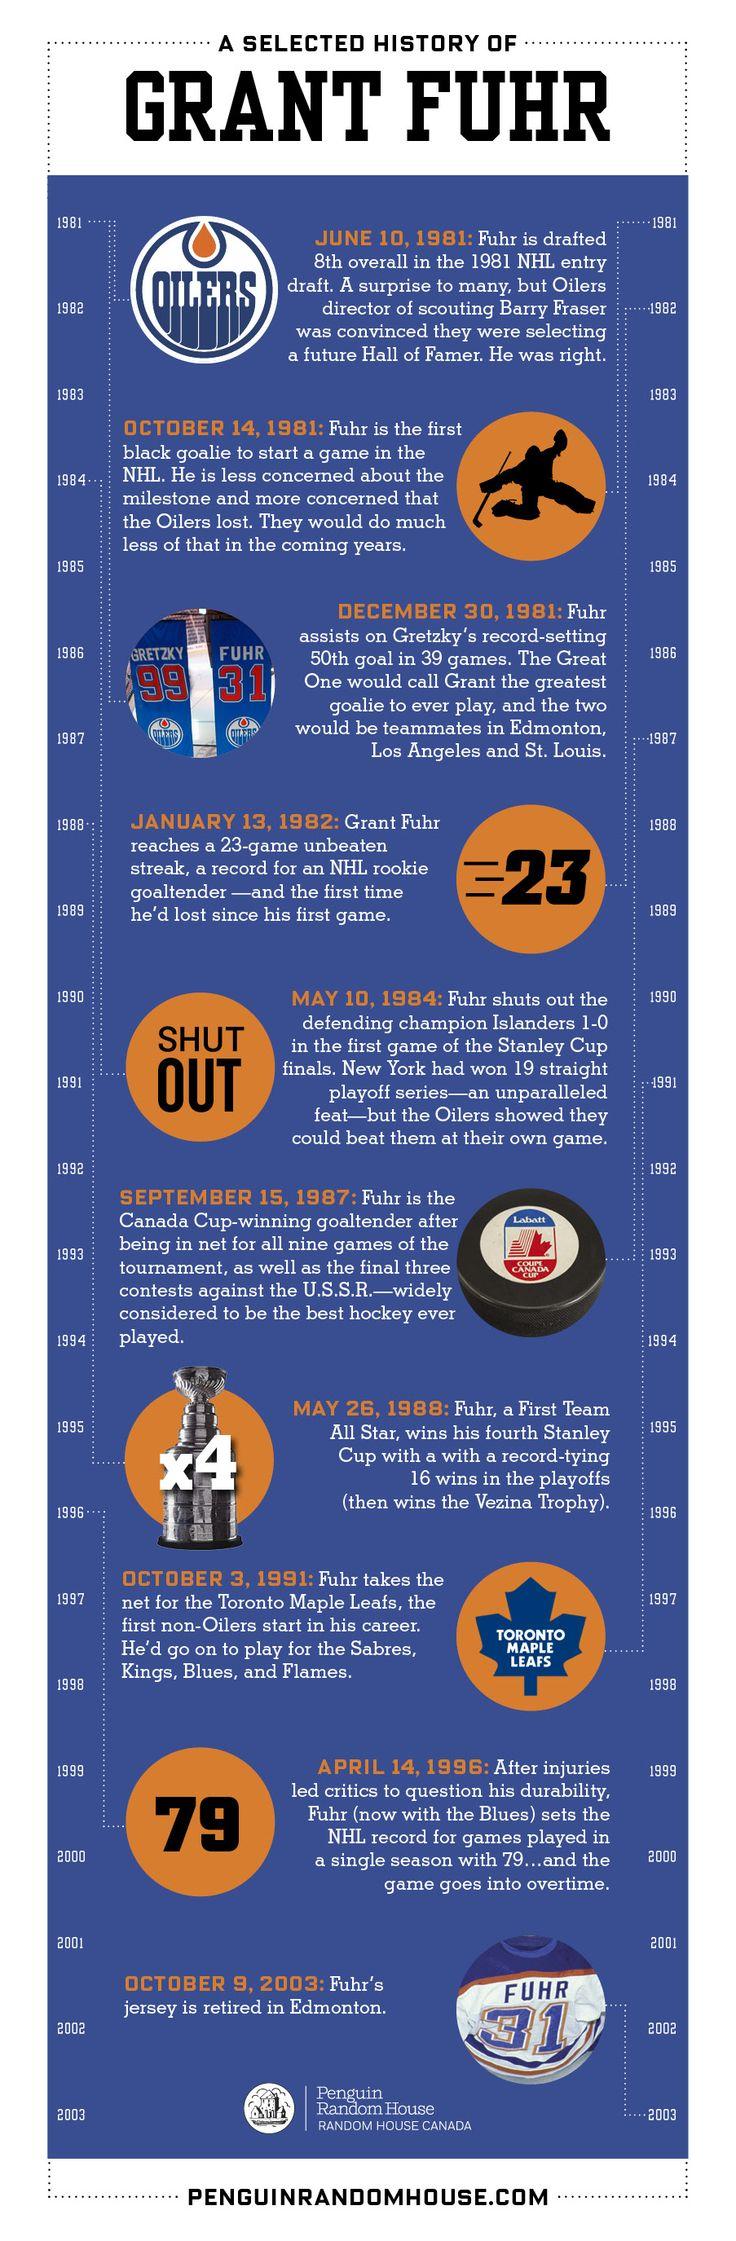 Grant Fuhr had some amazing success in his career!